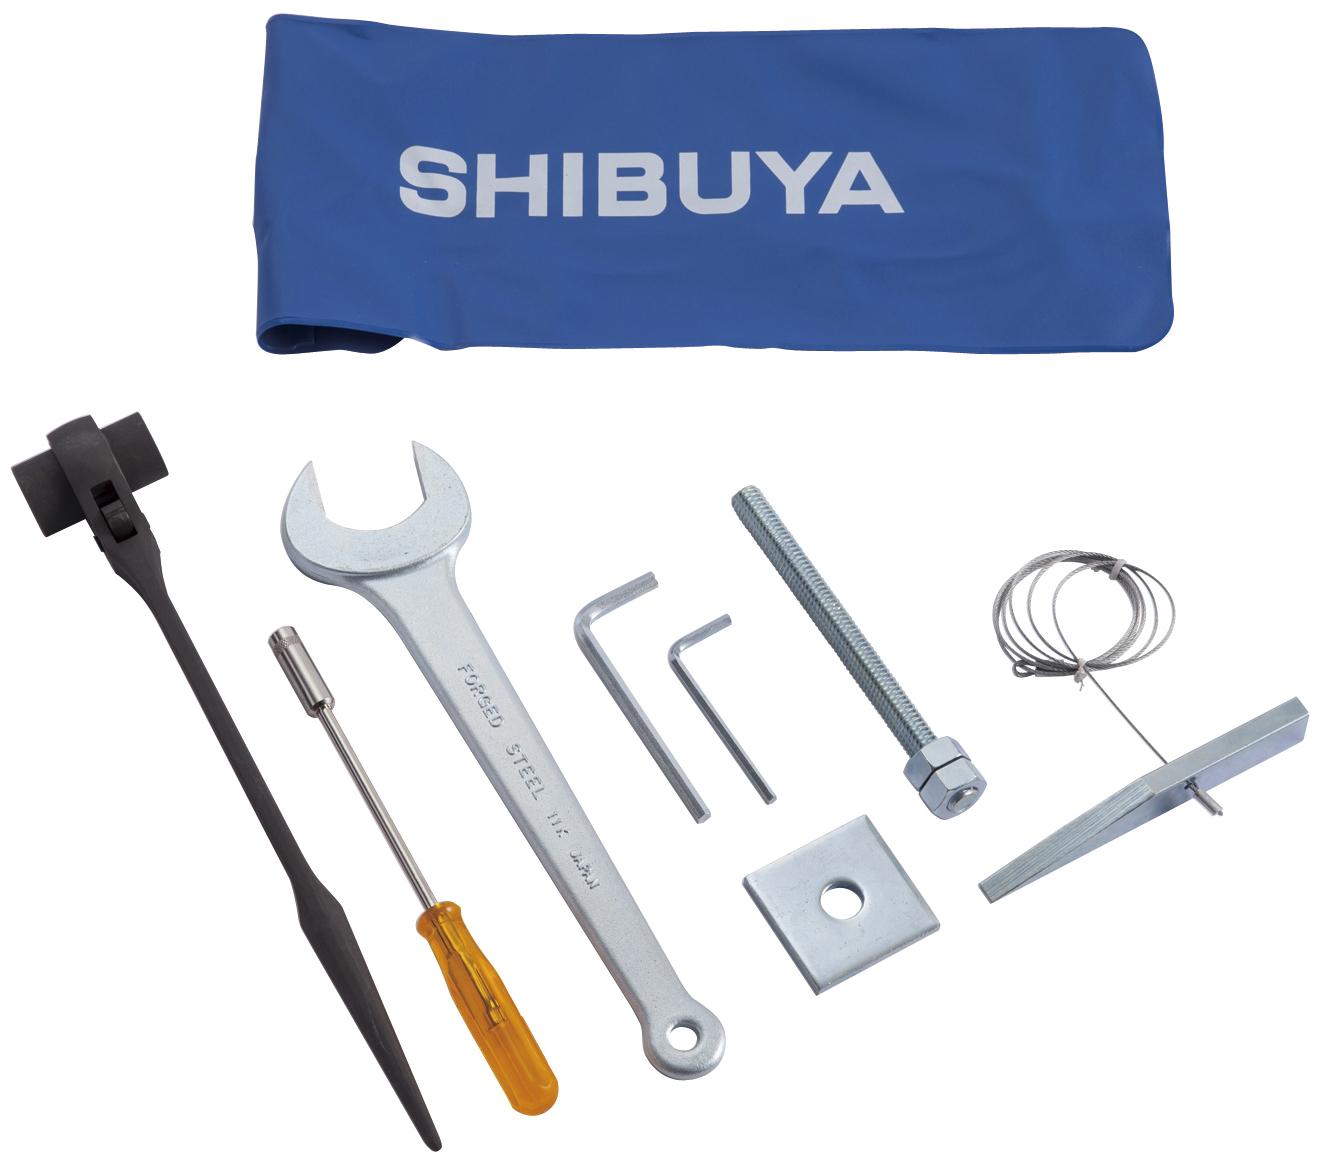 комплект инструмента для SHIBUYA TS-402